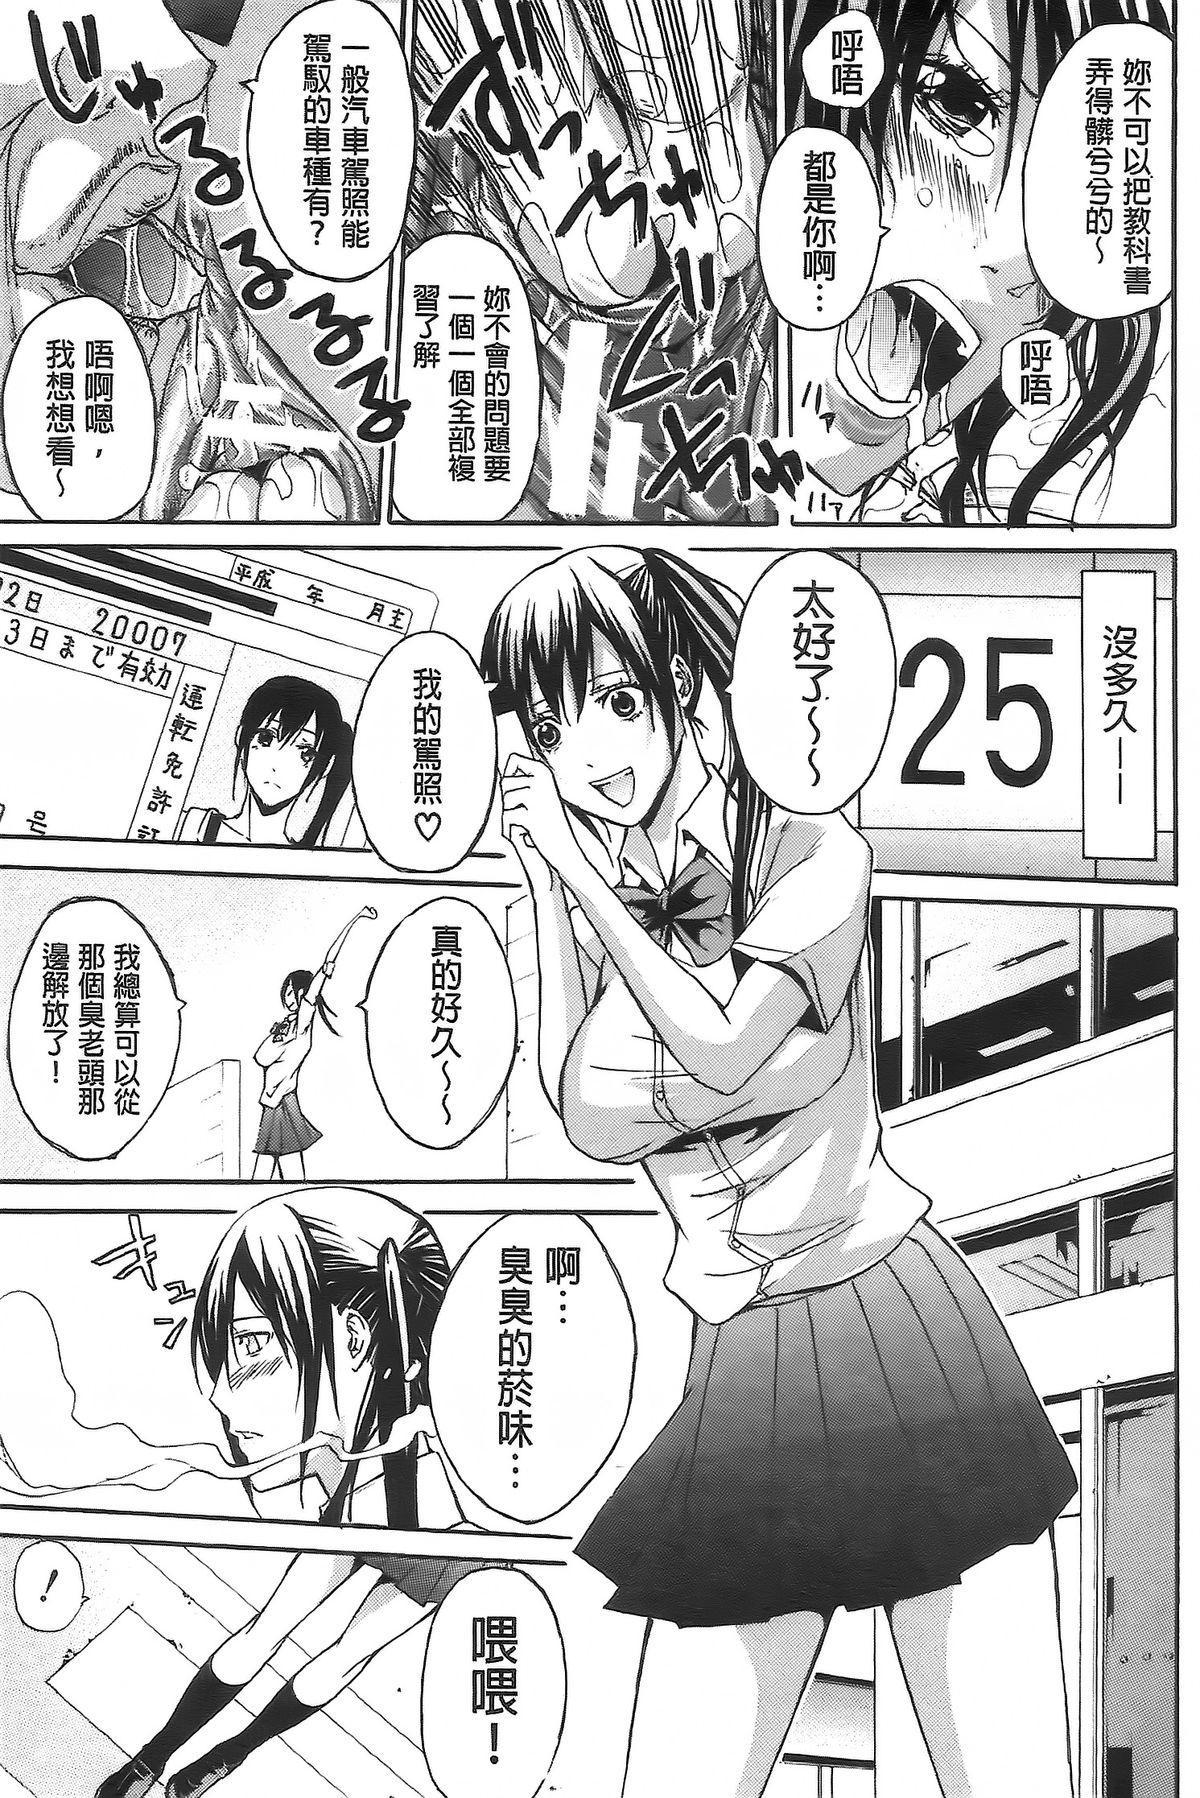 Bukatsu shoujo to amai ase 148